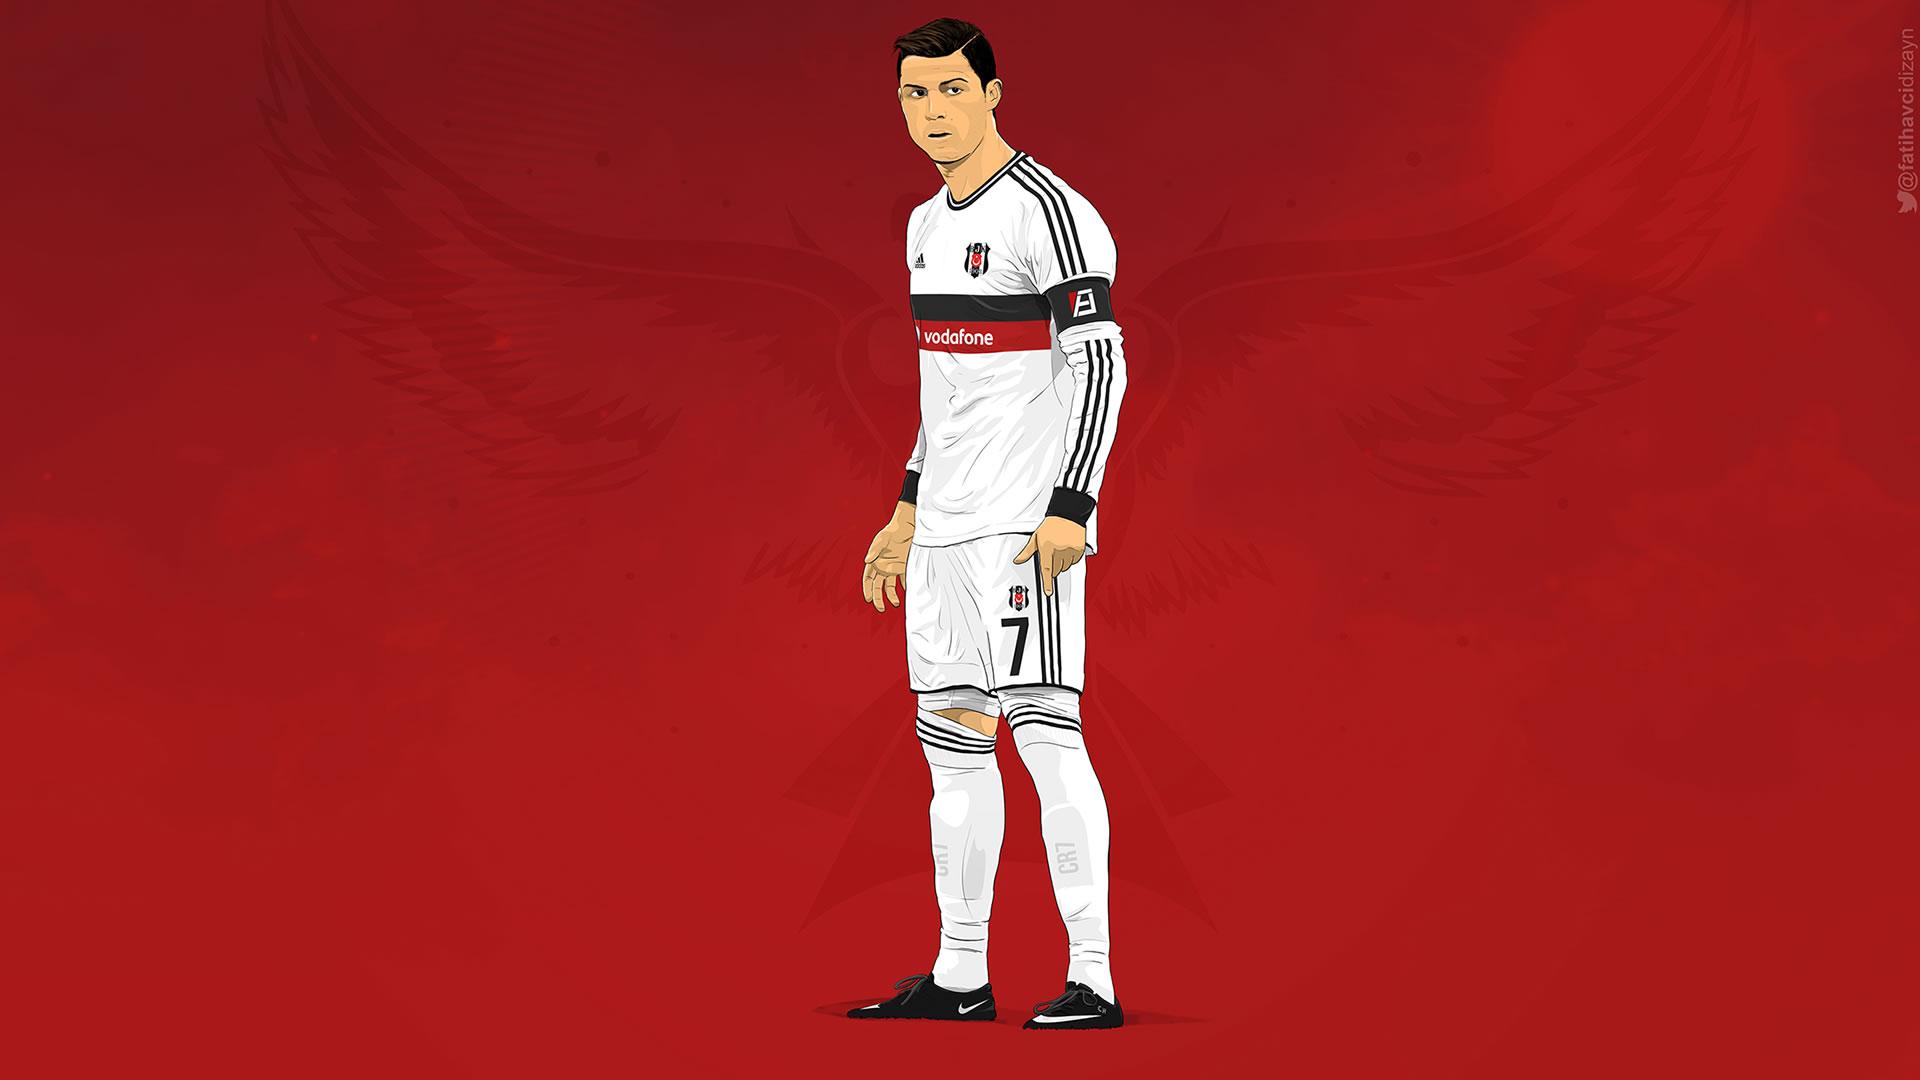 Cristiano Ronaldo Besiktas 2015 kit wallpaper